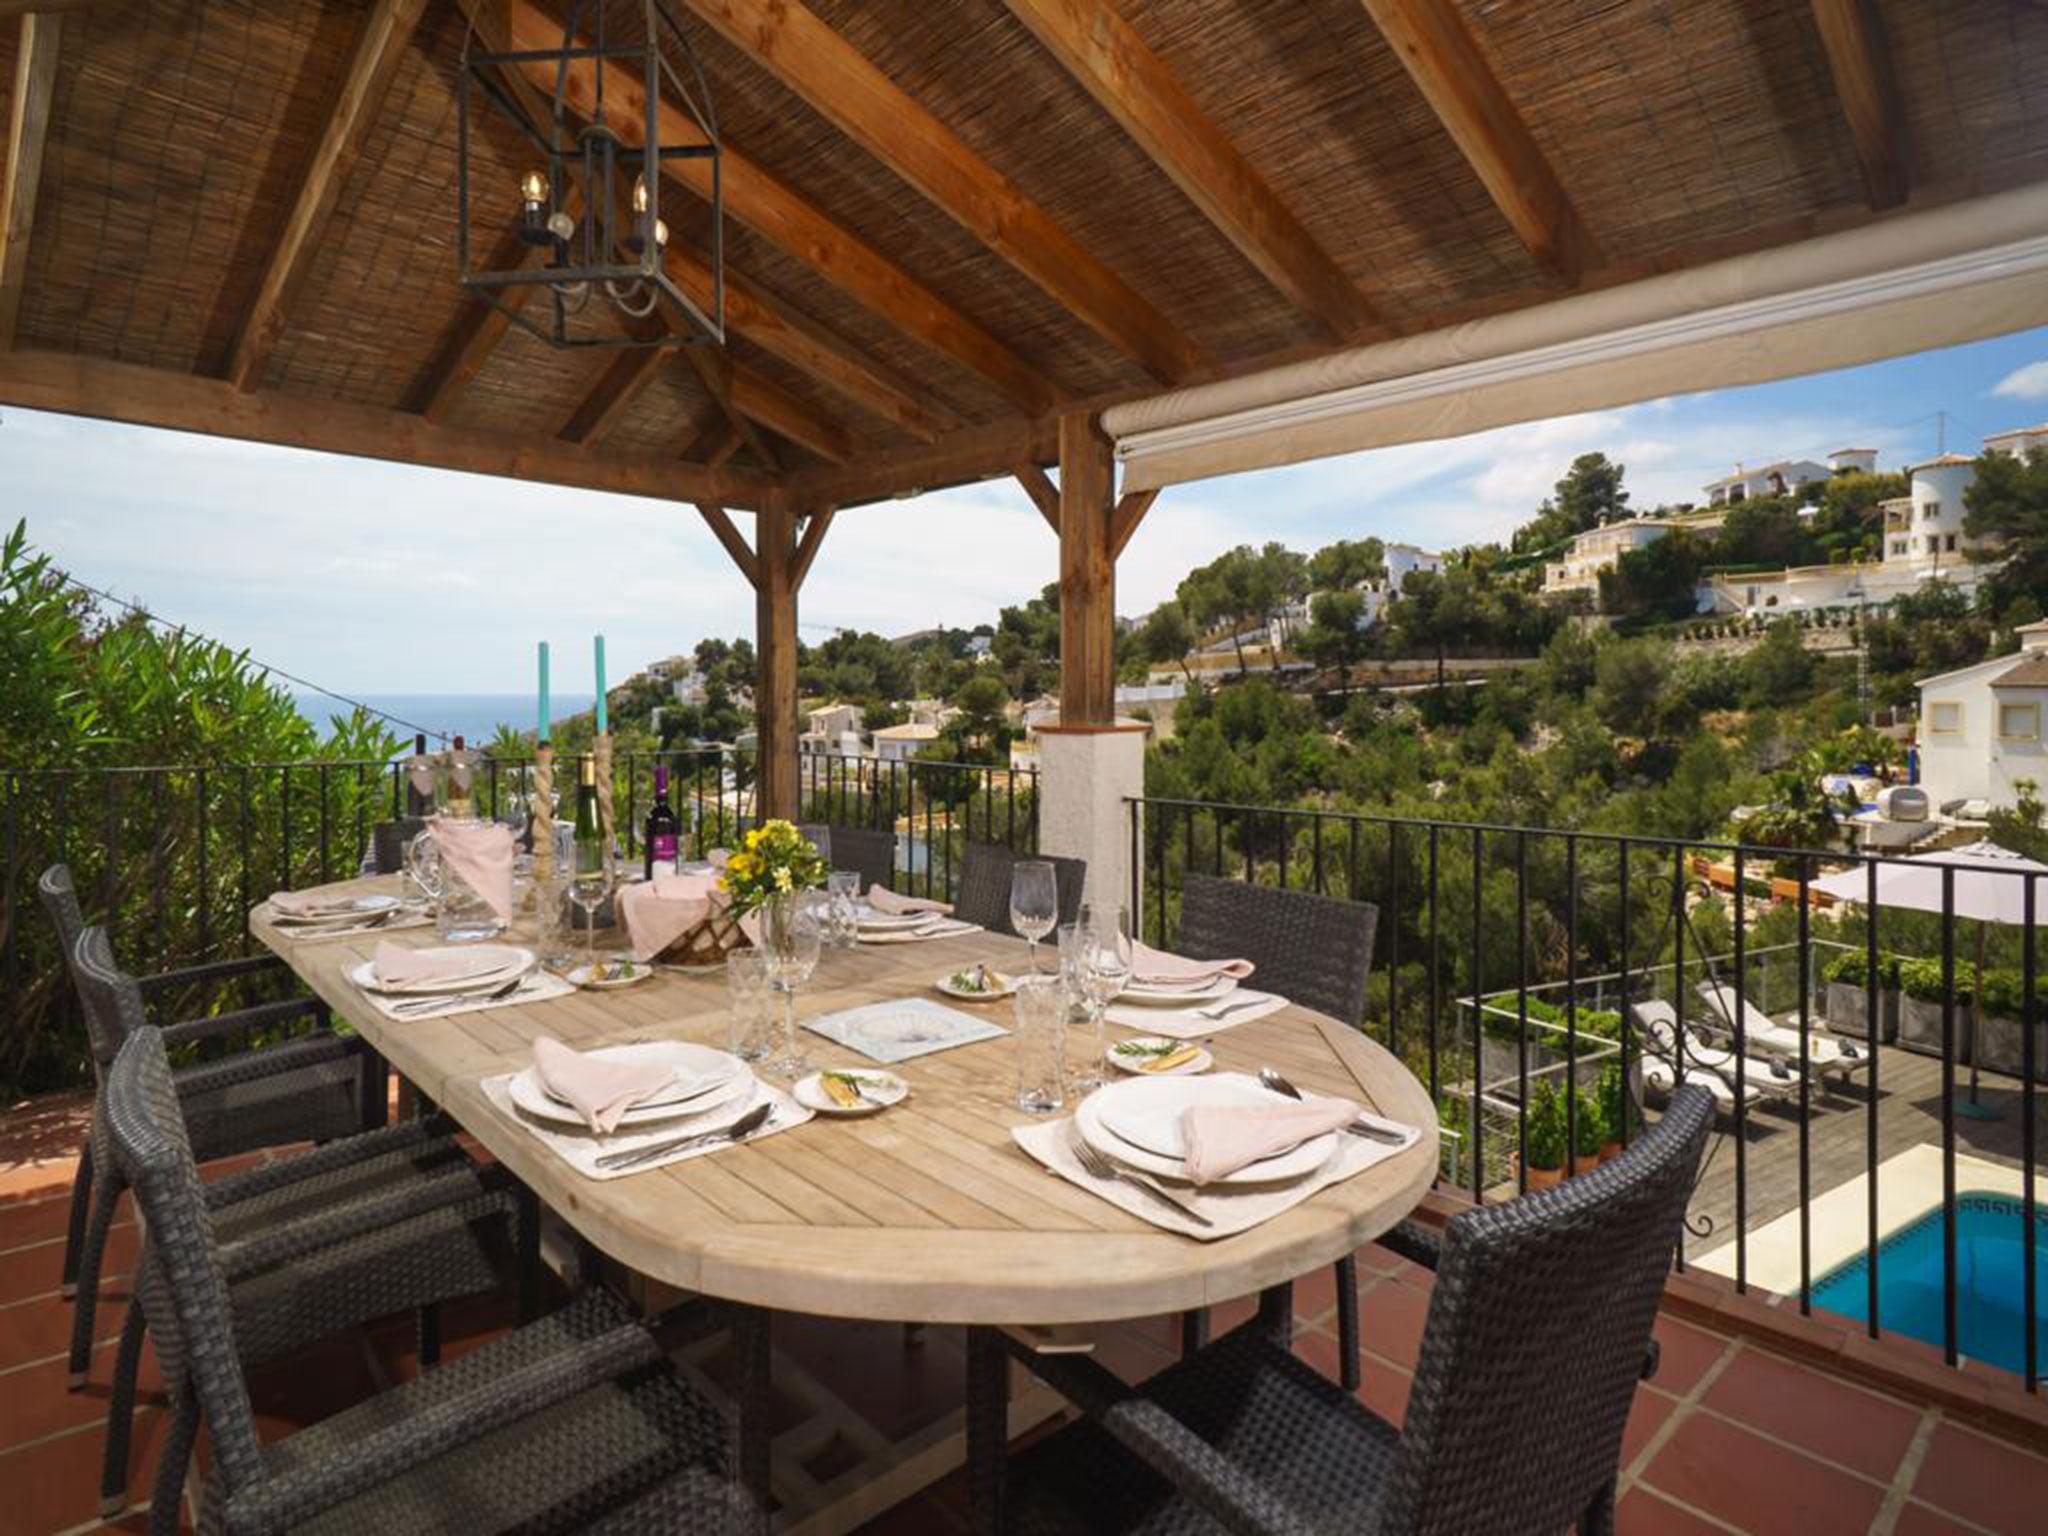 Comedor exterior cubierto, con maravillosas vistas, en un chalet en venta en La Granadella – Atina Inmobiliaria